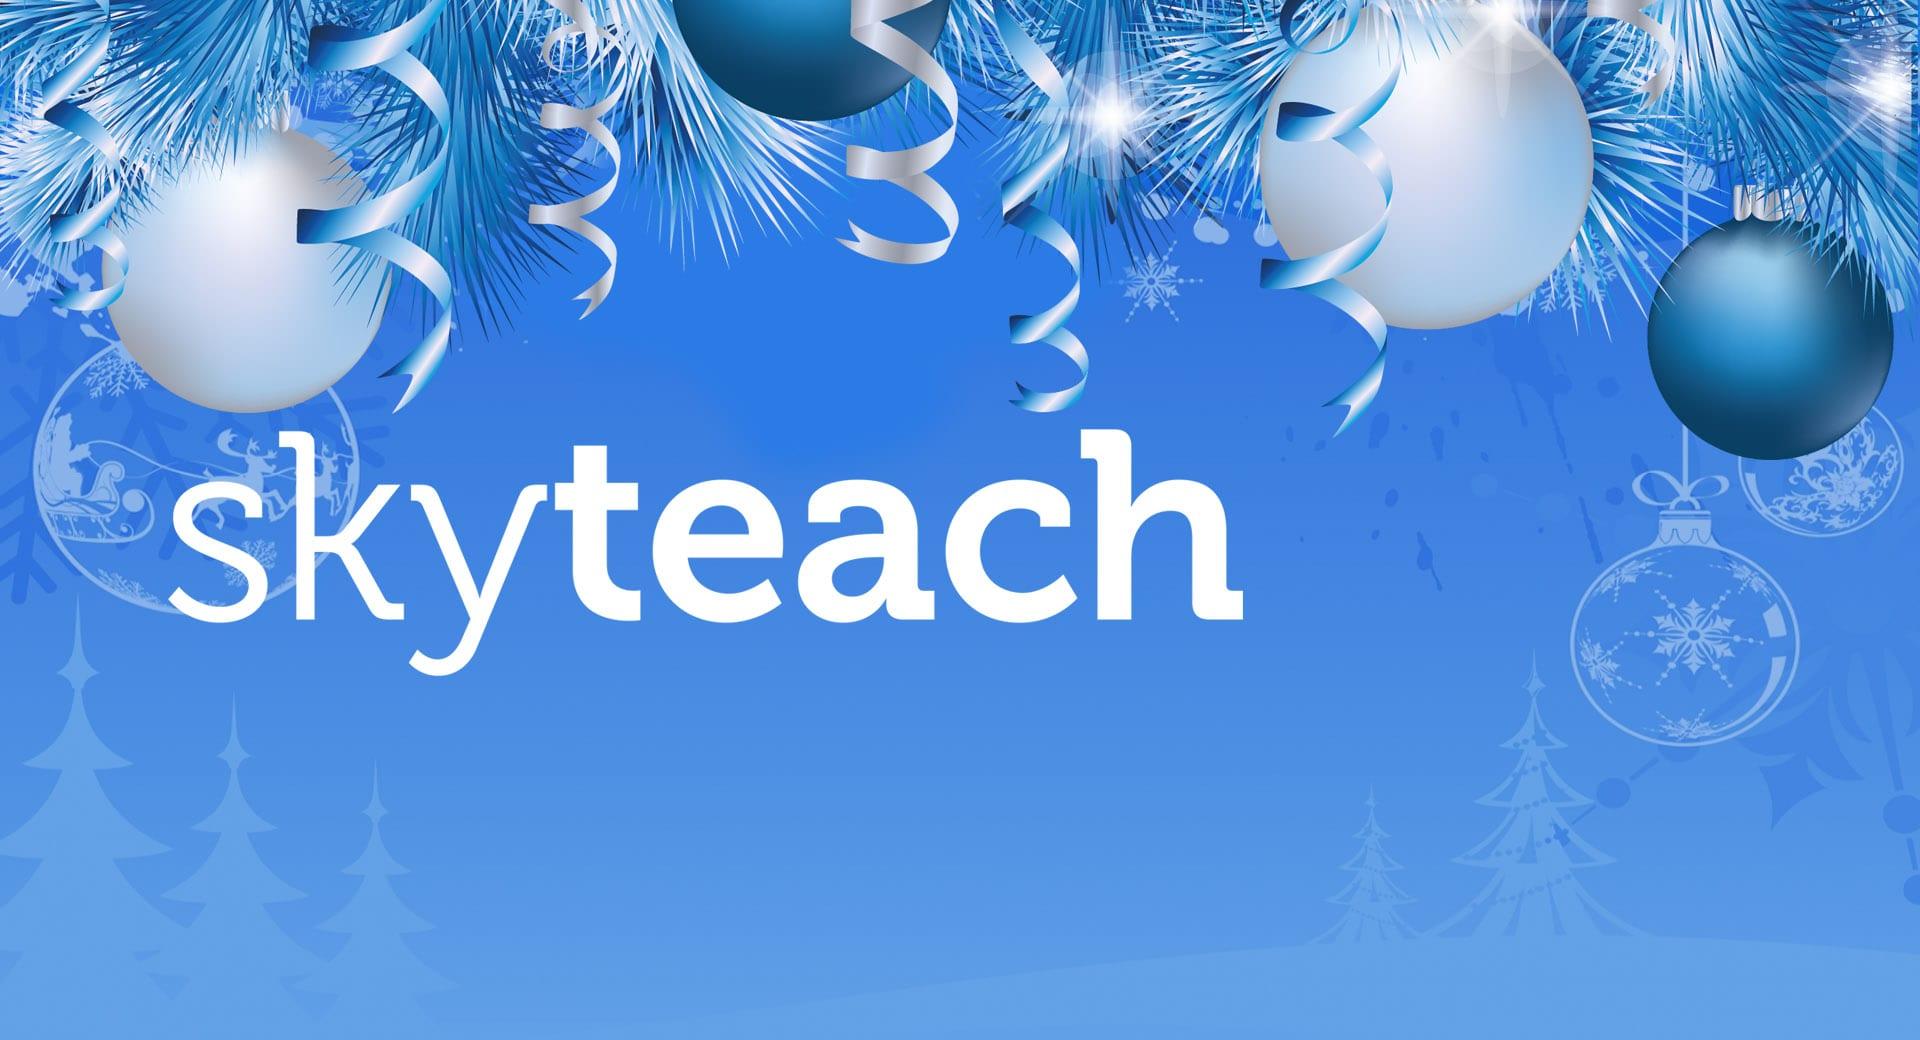 Итоги года: самые читаемые и просматриваемые материалы портала skyteach.ru